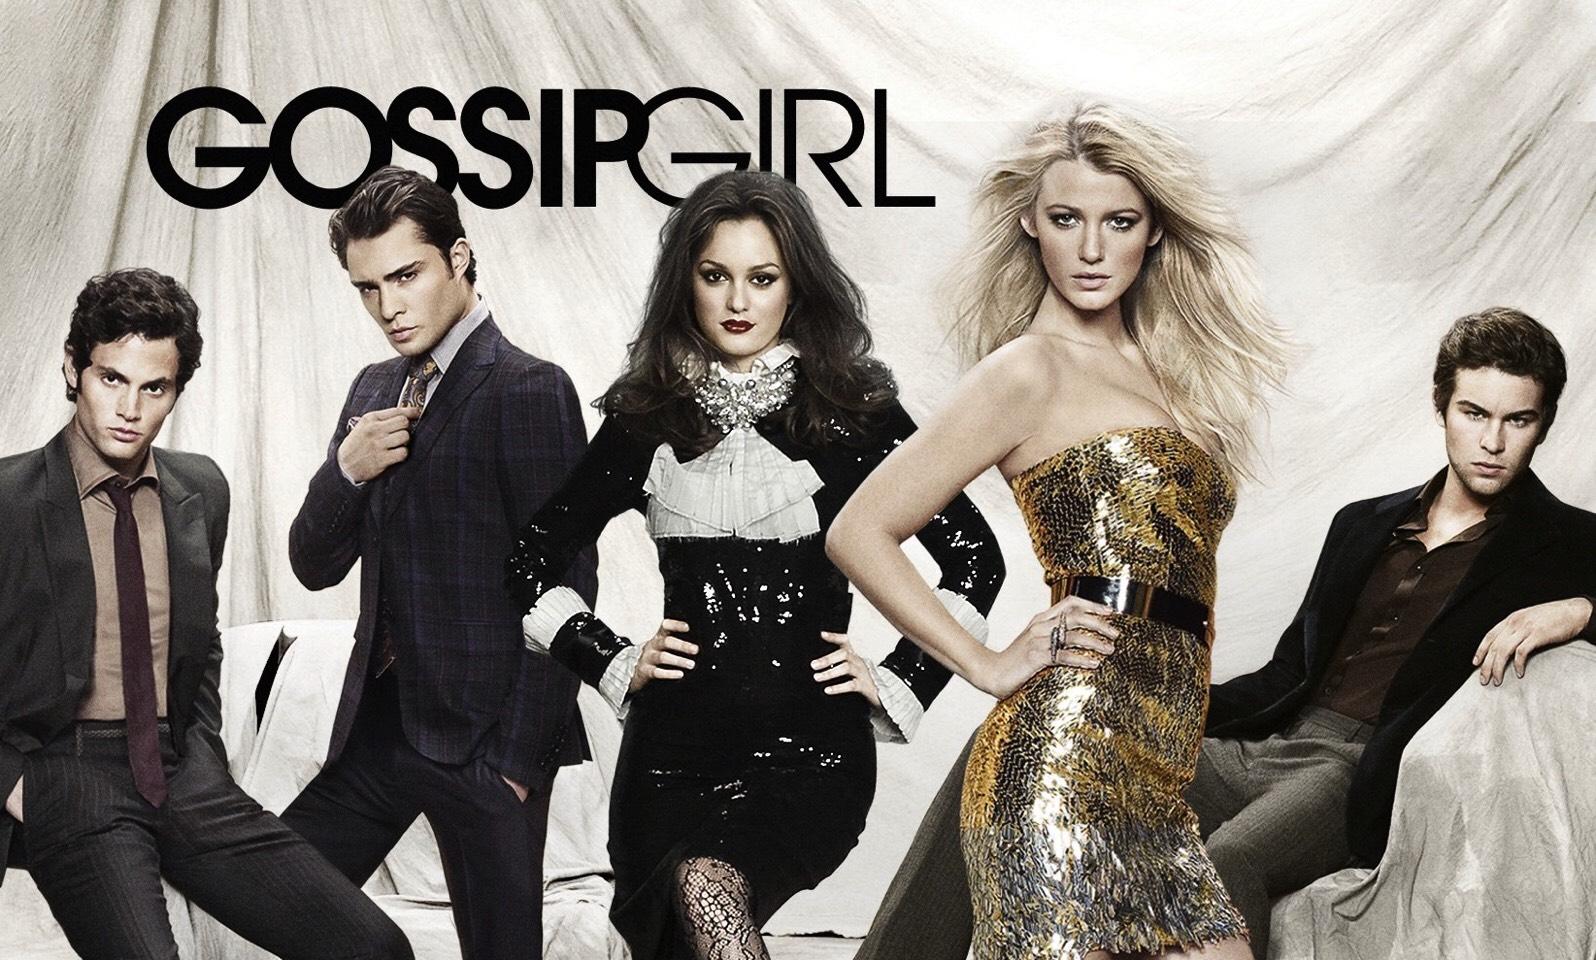 Gossip girl😋💘